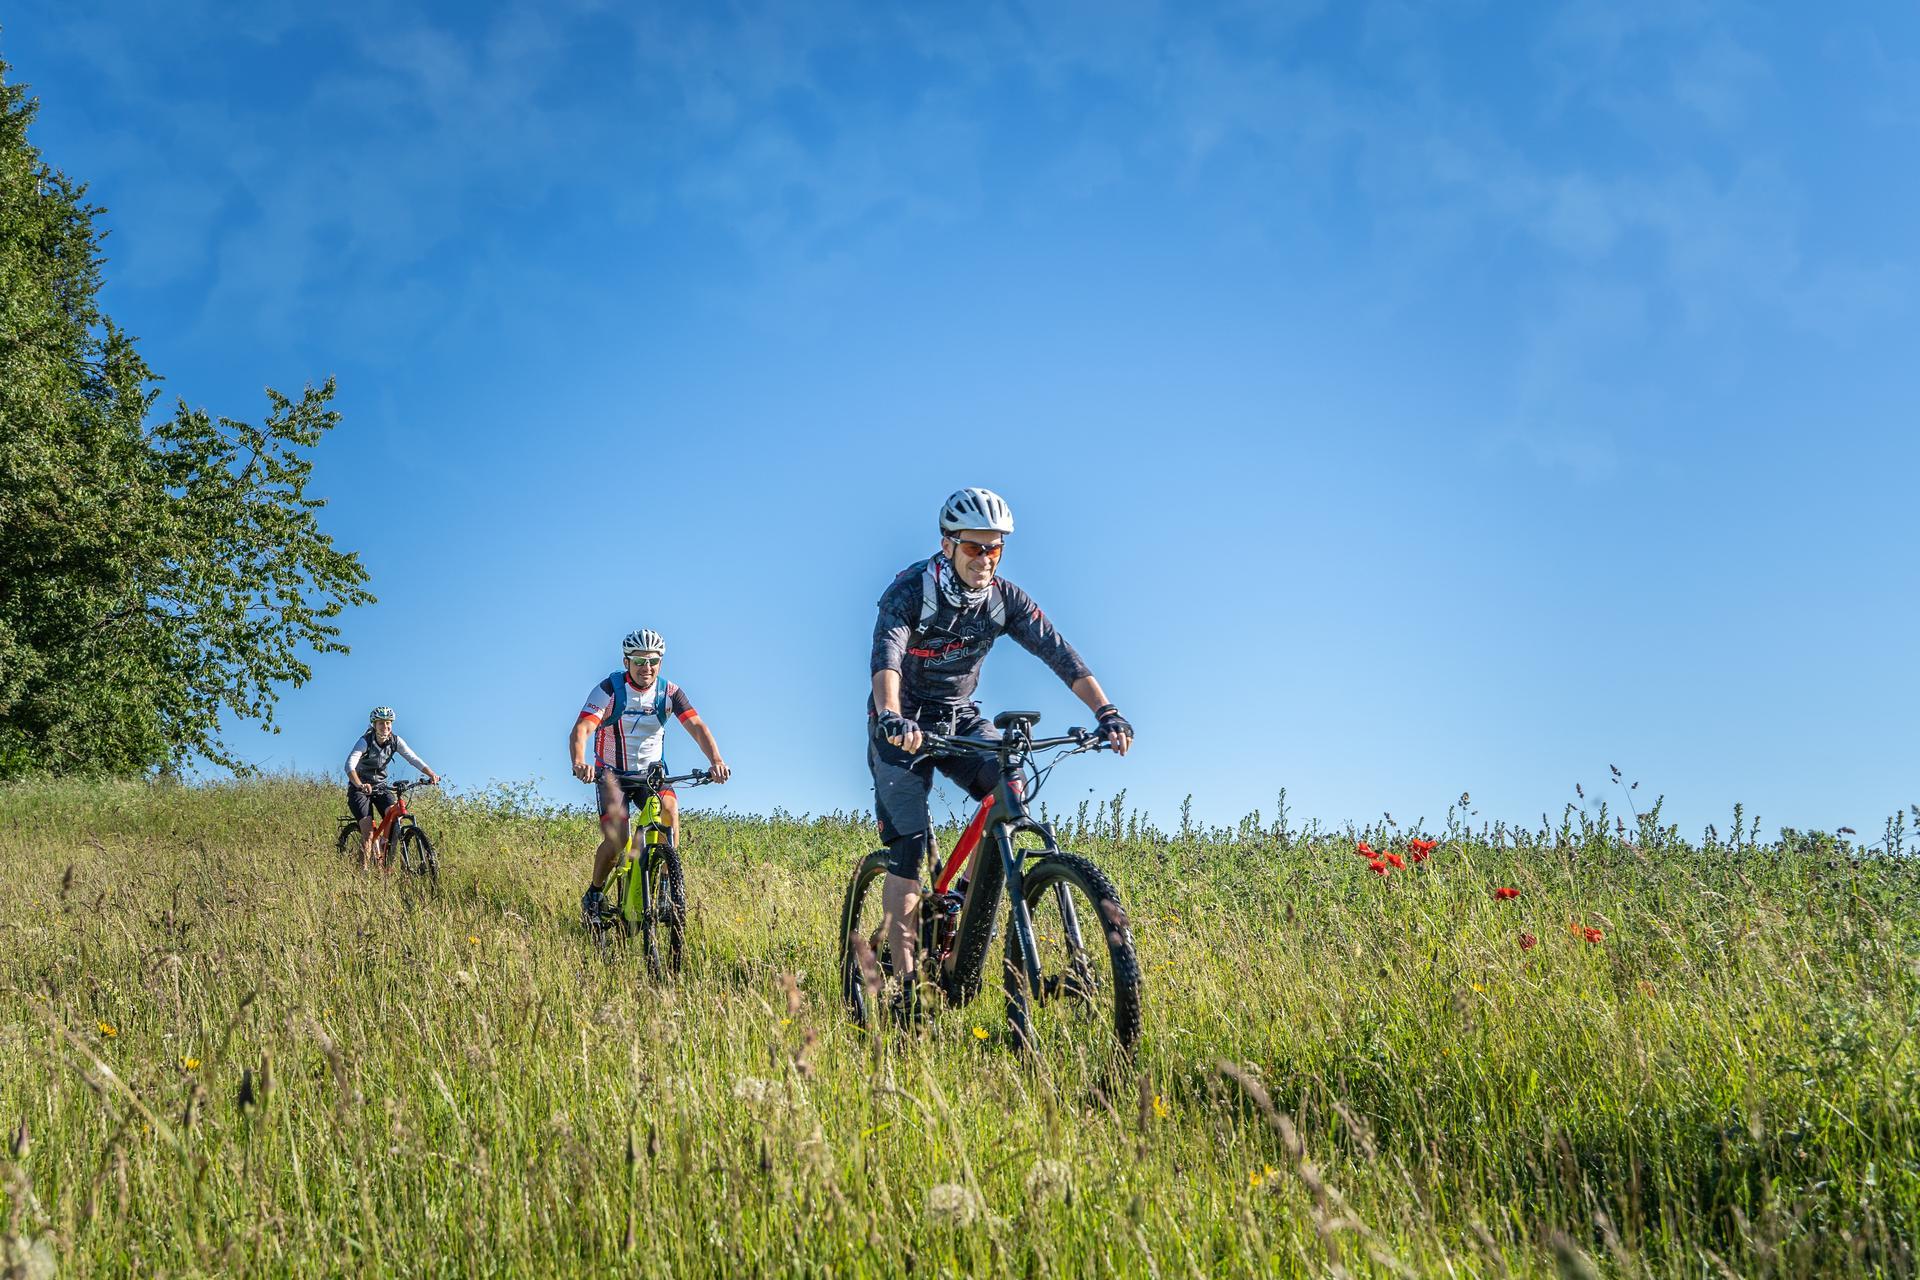 Drei Radfahrer*innen fahren mit E-Bikes durch eine hohe Wiesen mit verschiedenen Gräsern und vereinzelt Mohnblumen. Der Himmel ist blau.